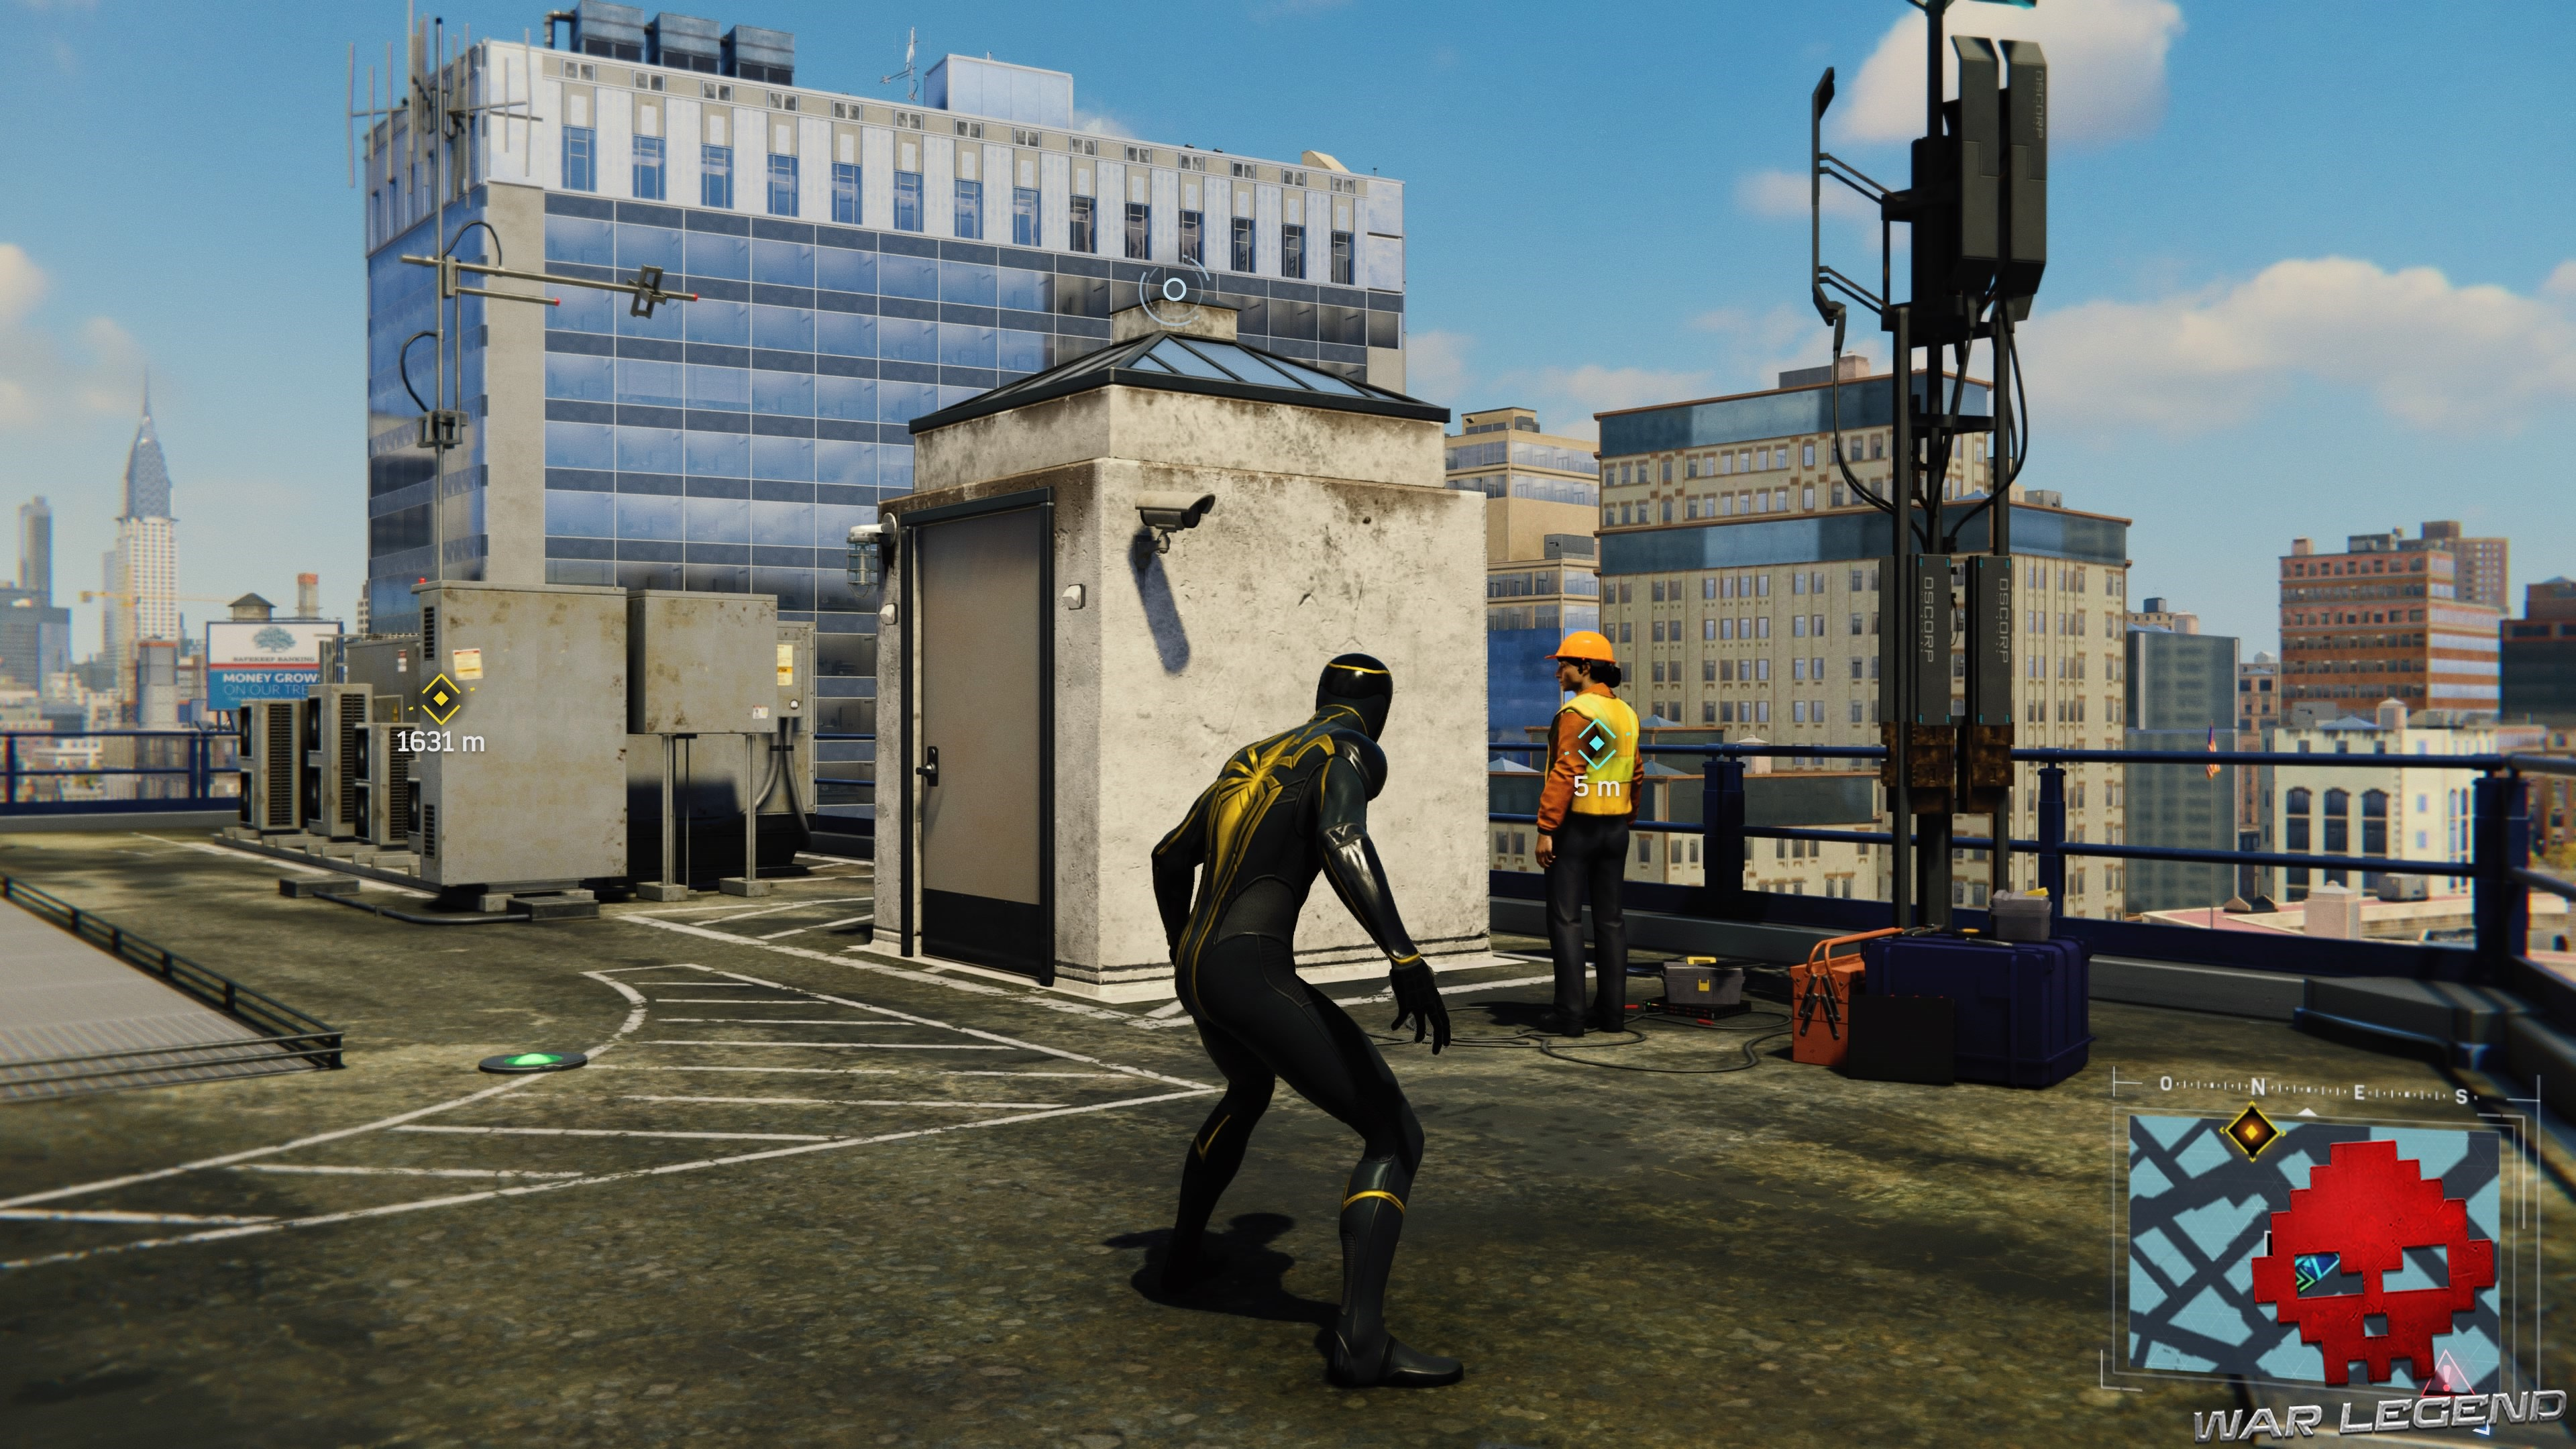 solution spider-man réseau en panne une technicienne est au pied d'une antenne relais